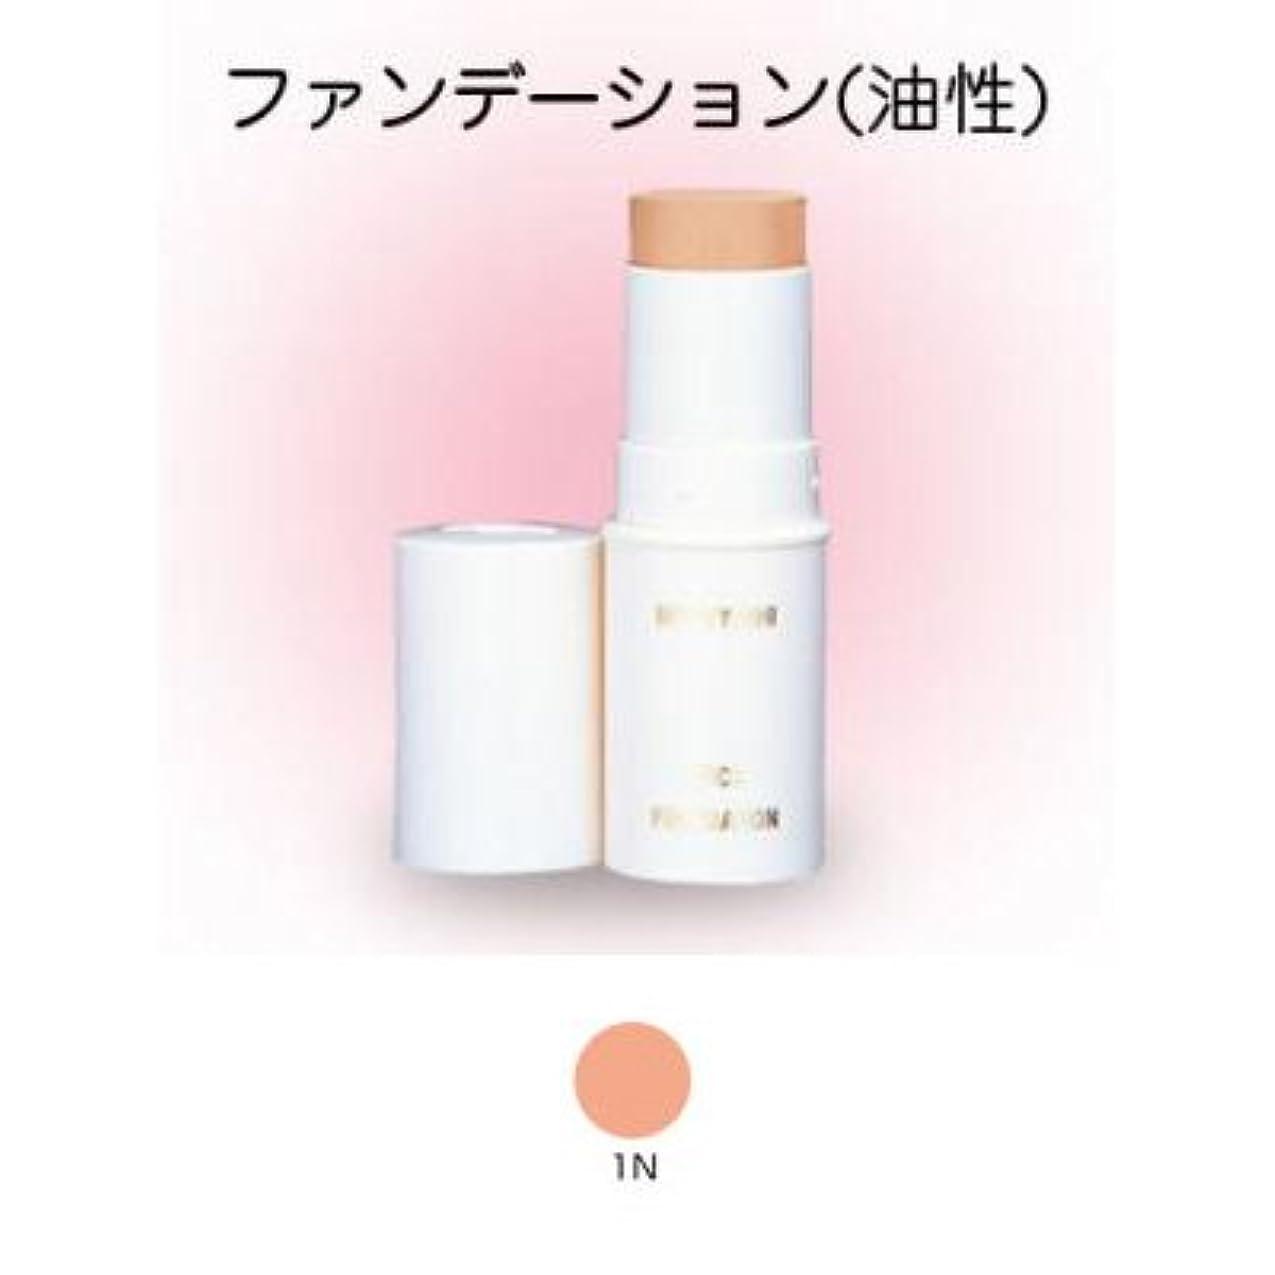 胆嚢成功するハンディキャップスティックファンデーション 16g 1N 【三善】